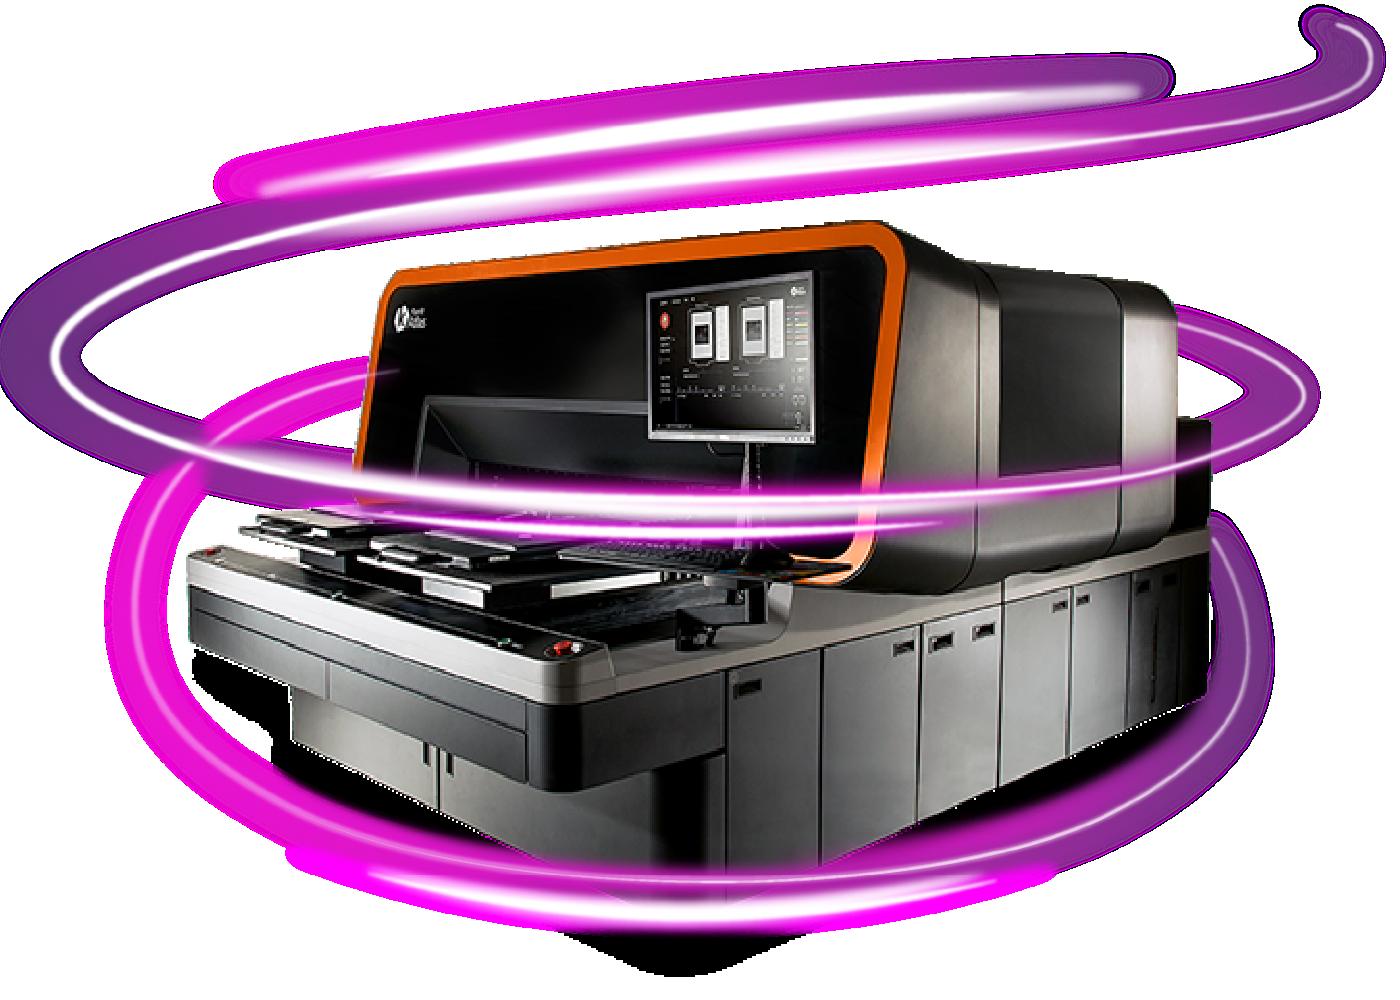 Kornit Atlas DTG Printer